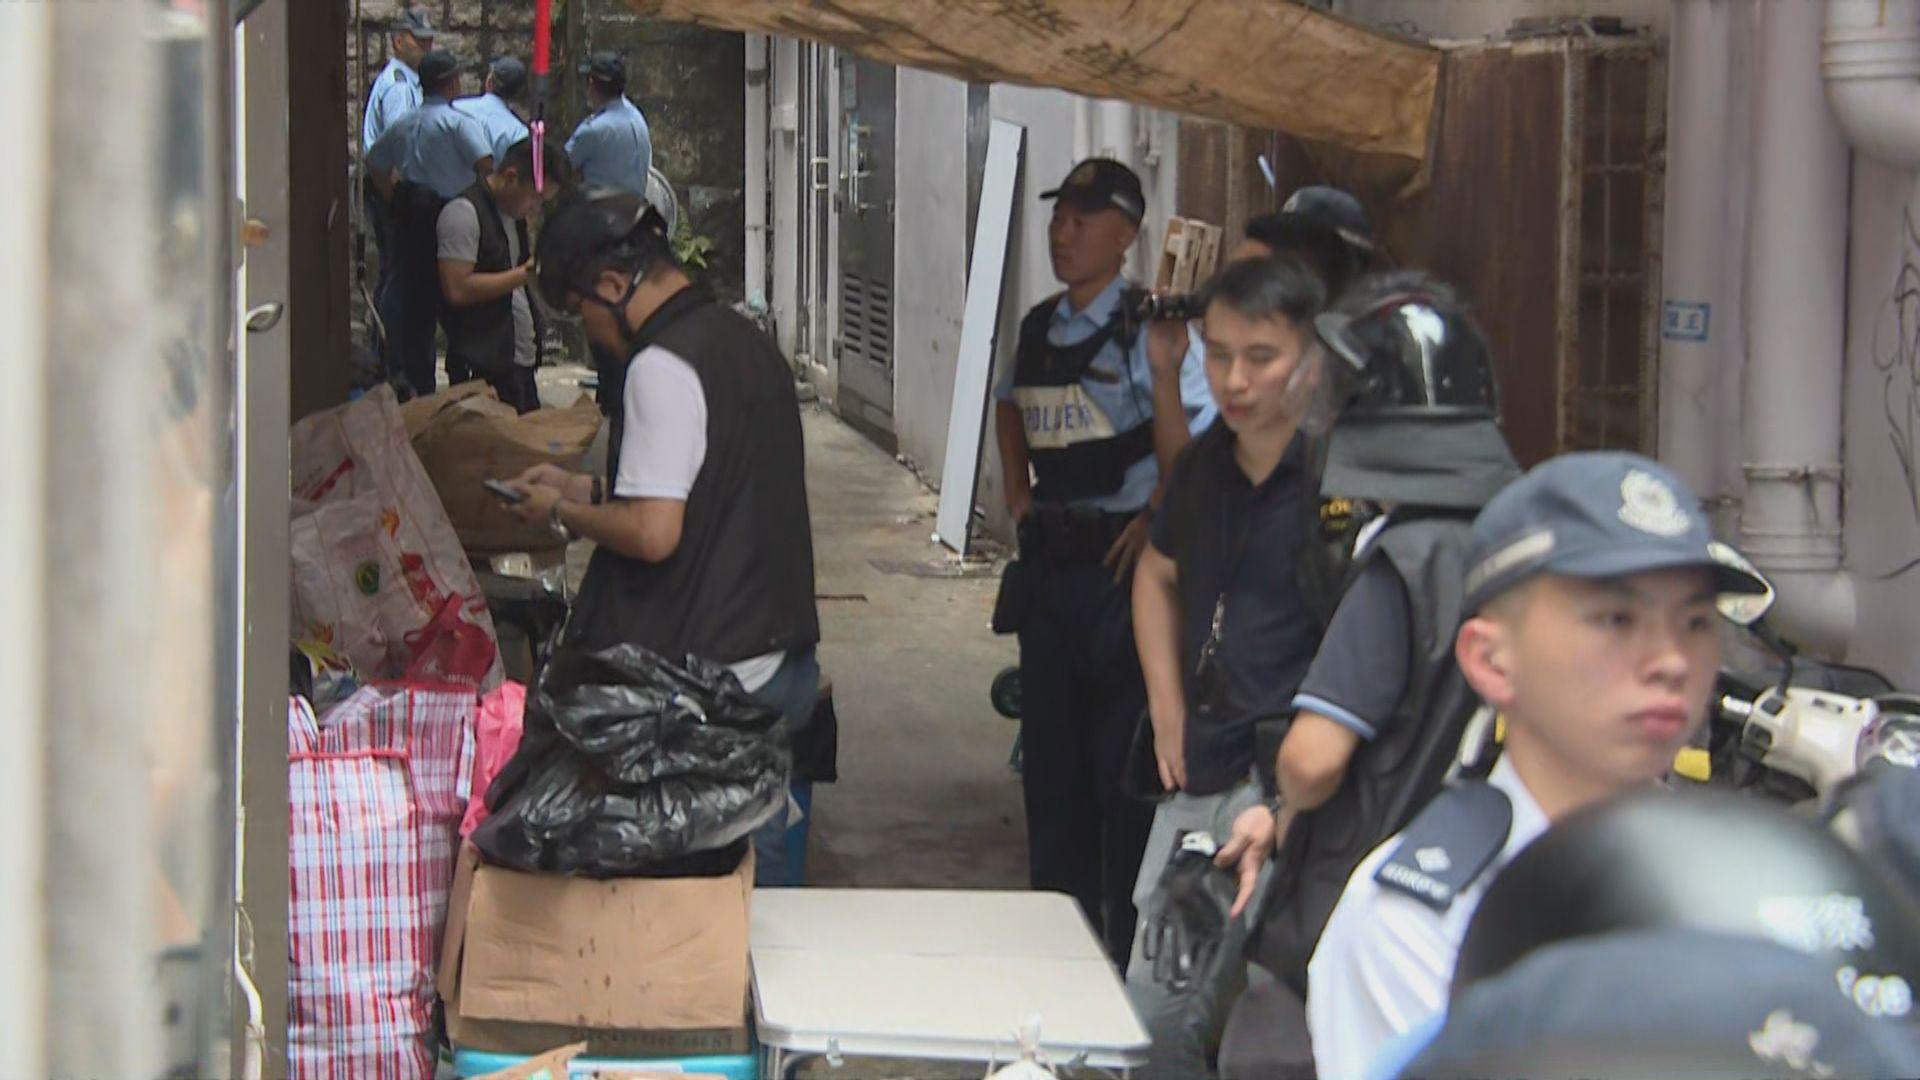 警方搜查售防具店舖 帶走最少一名男子